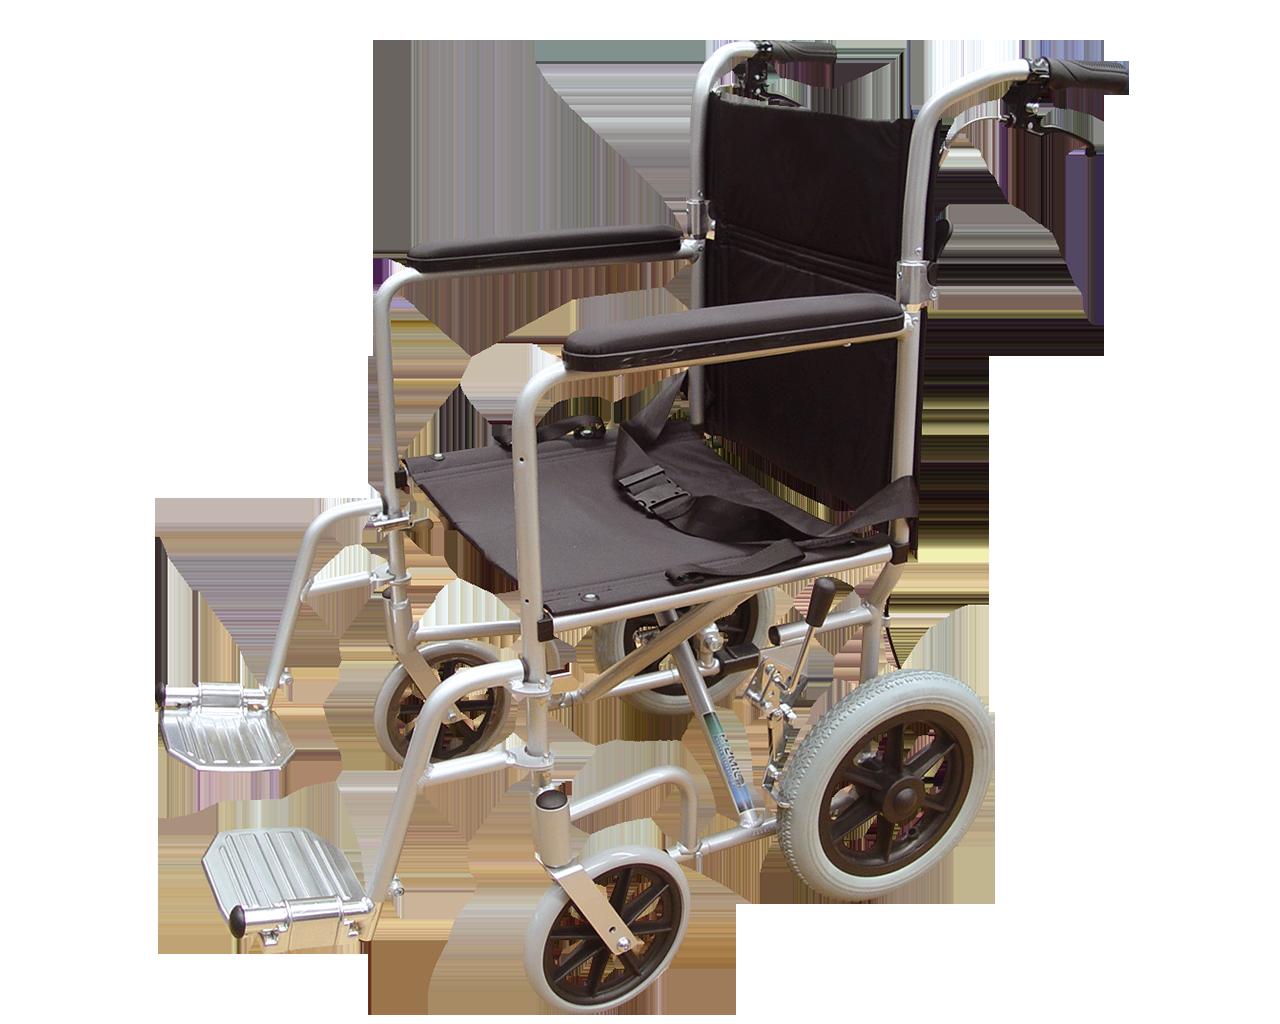 Yatromex silla de ruedas tipo traslado r2mil de aluminio - Sillas de ruedas de traslado ...